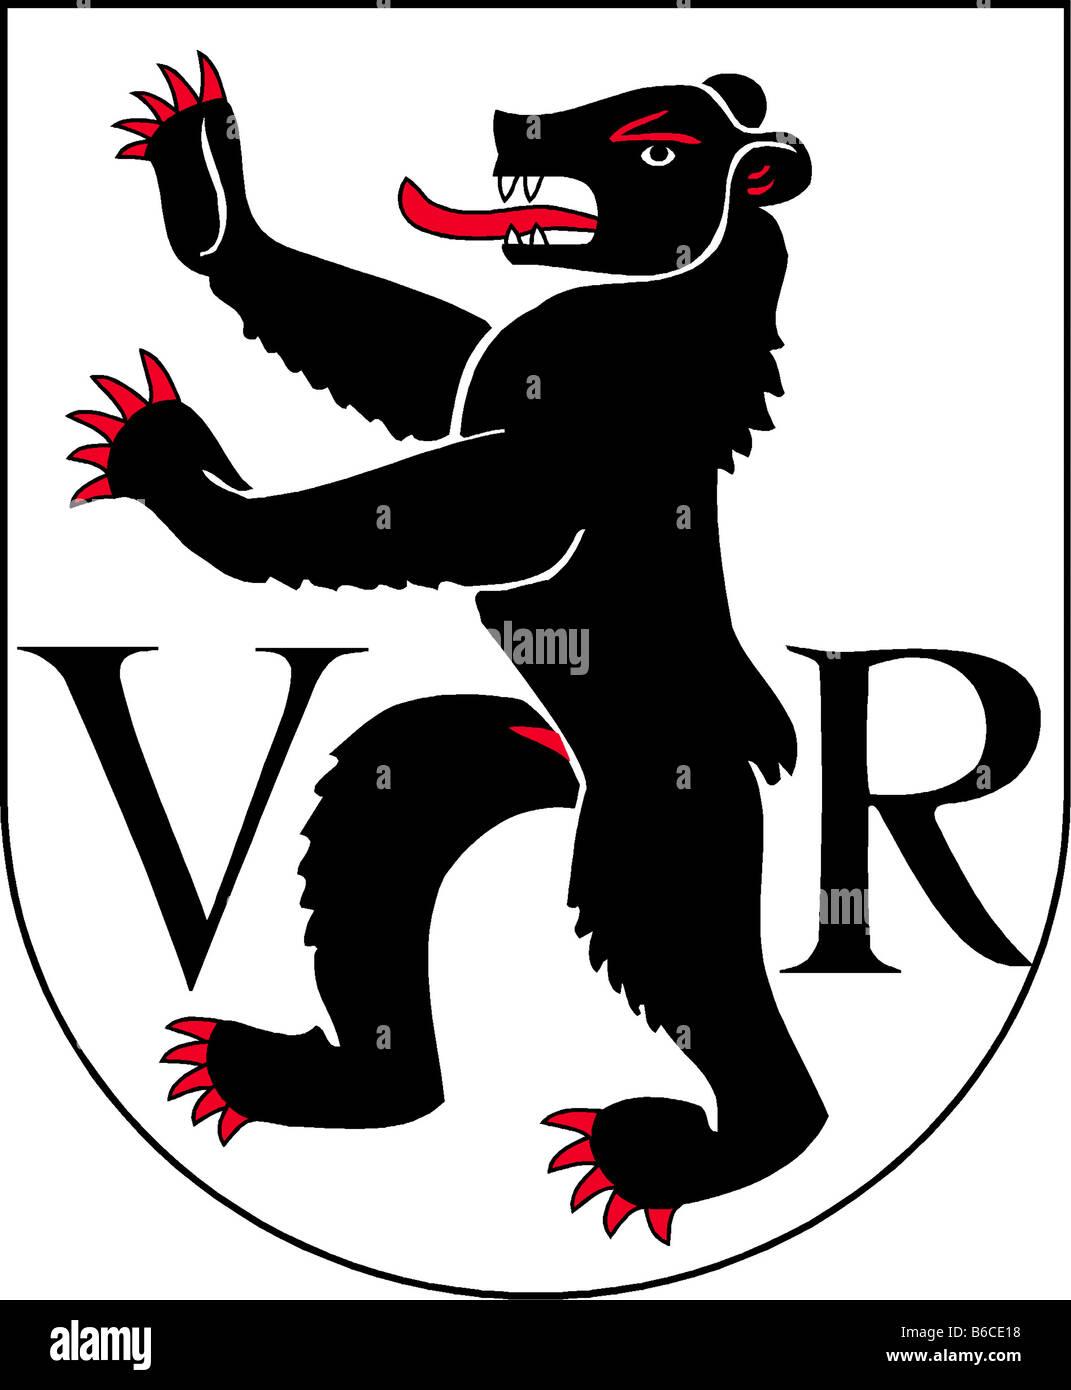 Abbildung Fahne des Kantons Appenzell Ausserrhoden-Schweiz Stockbild